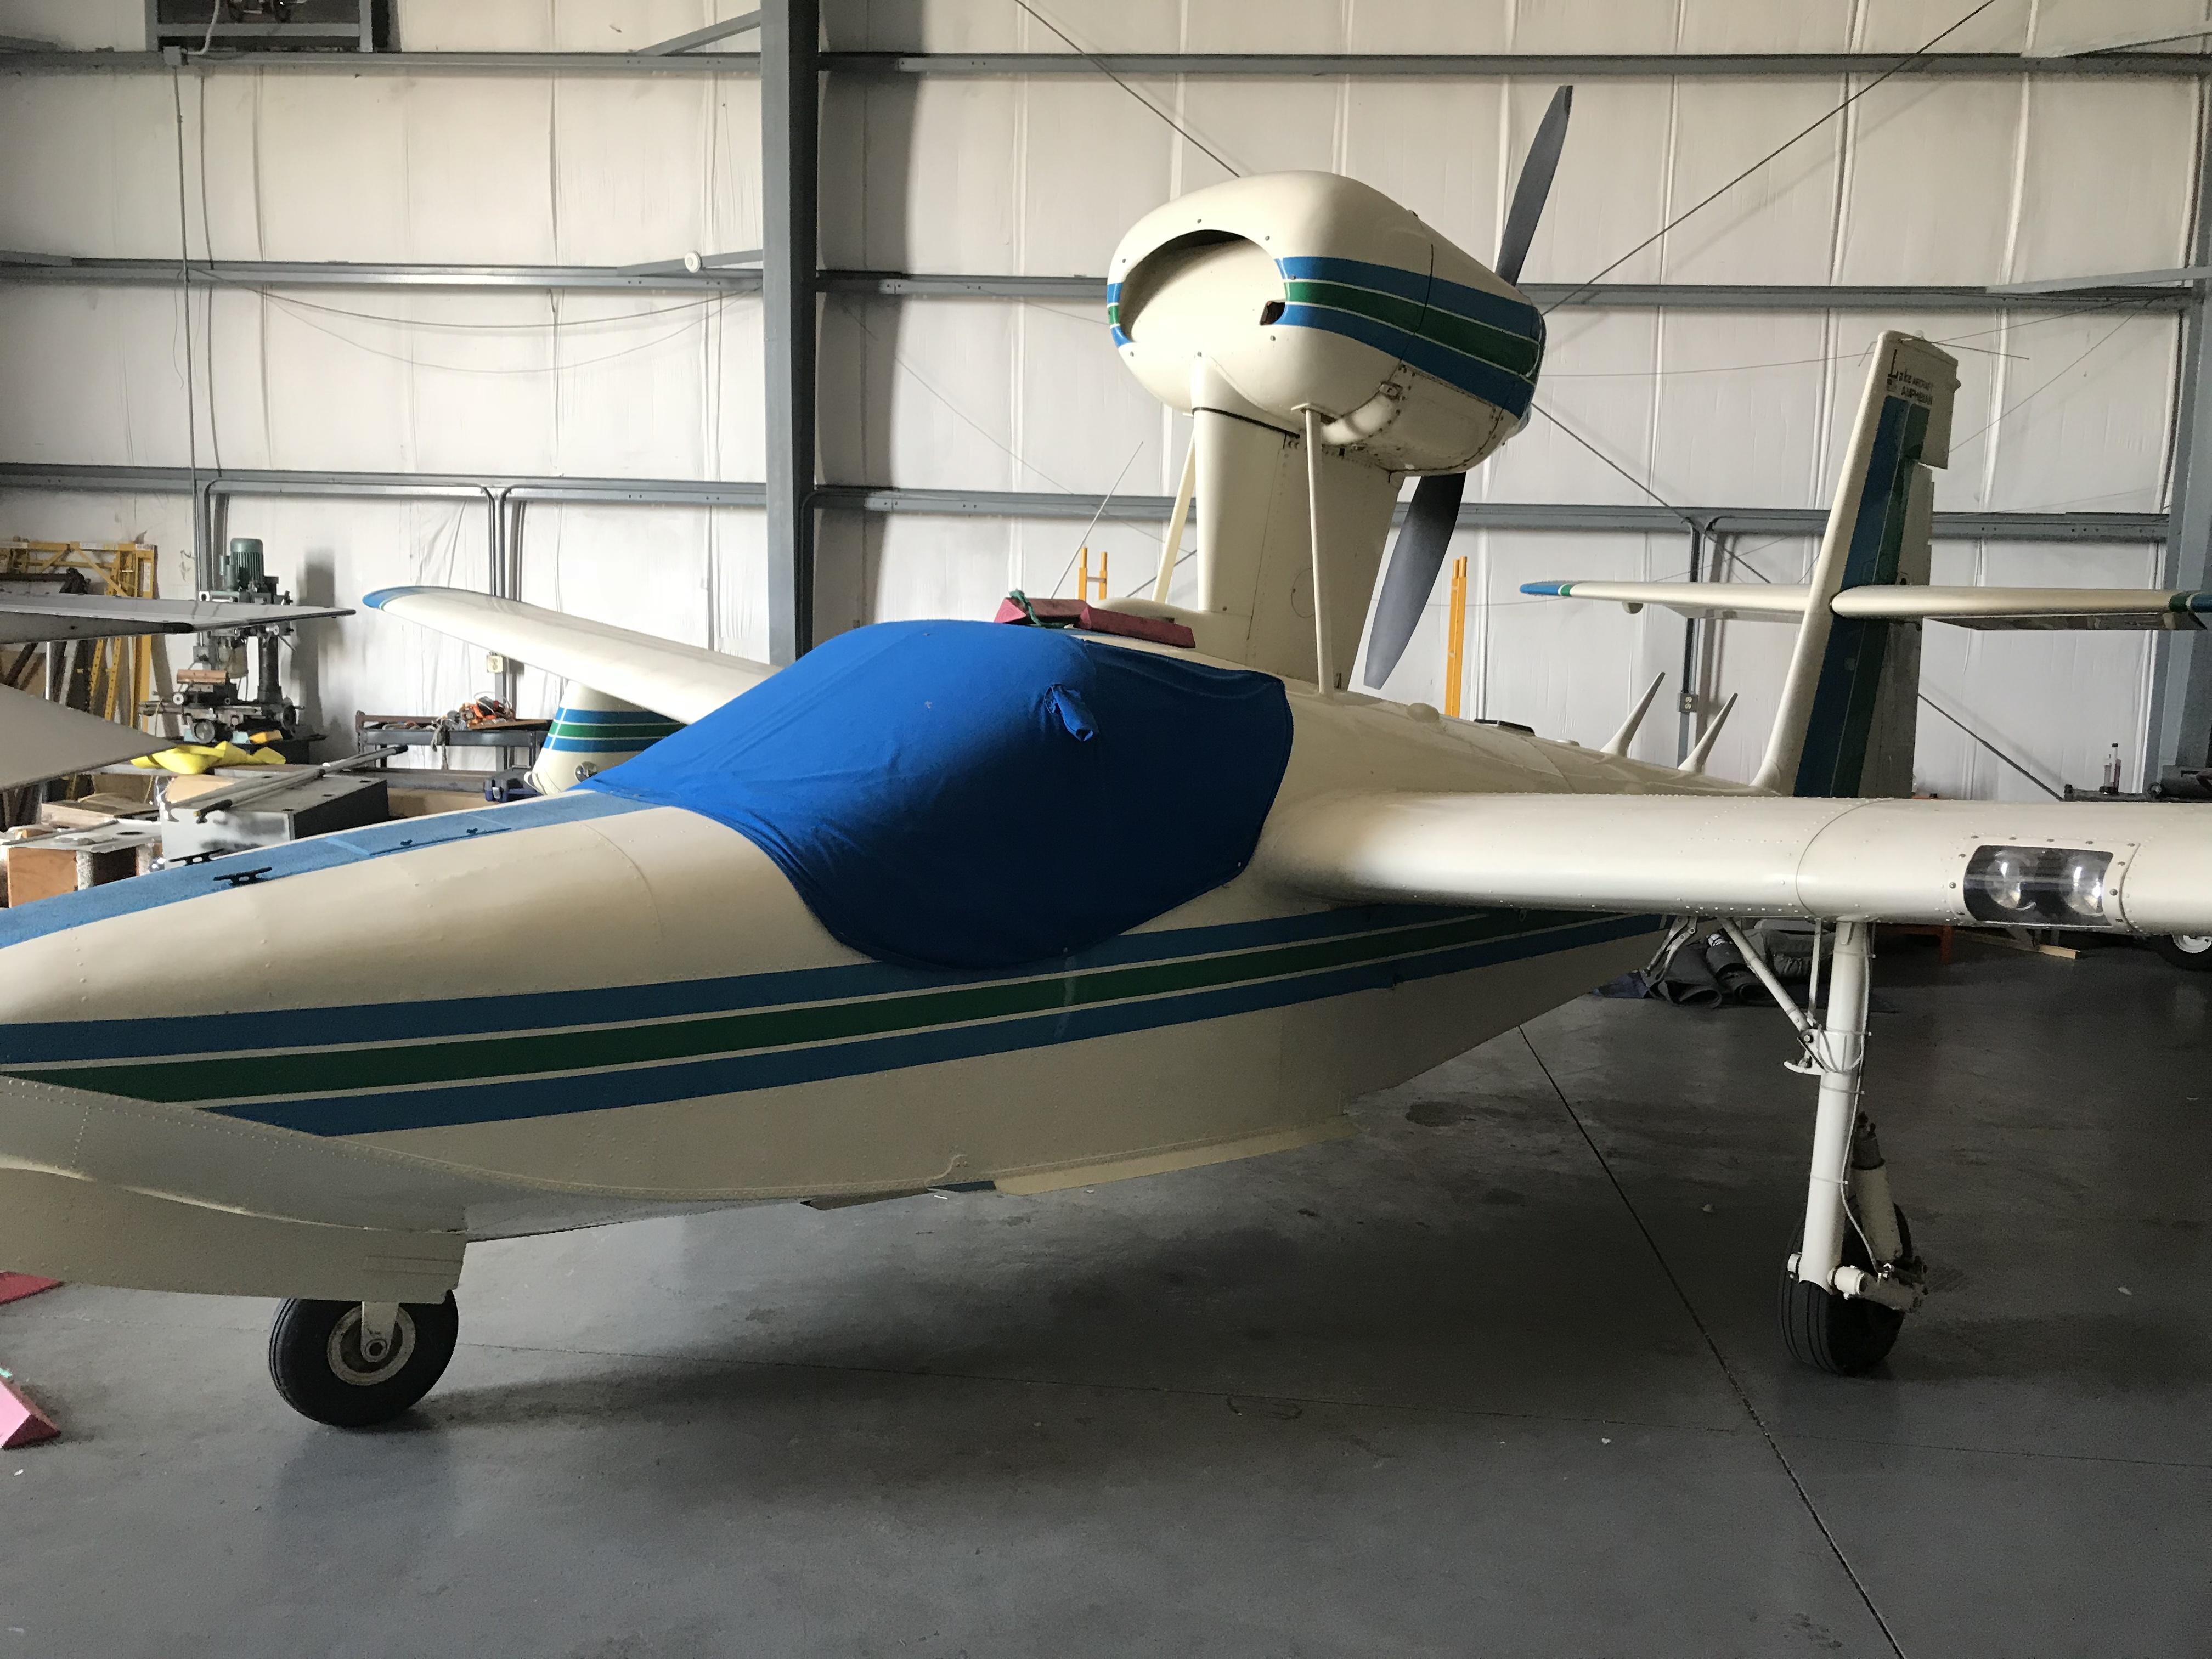 Amphibiansplus comAircraft For Sale - Amphibiansplus com